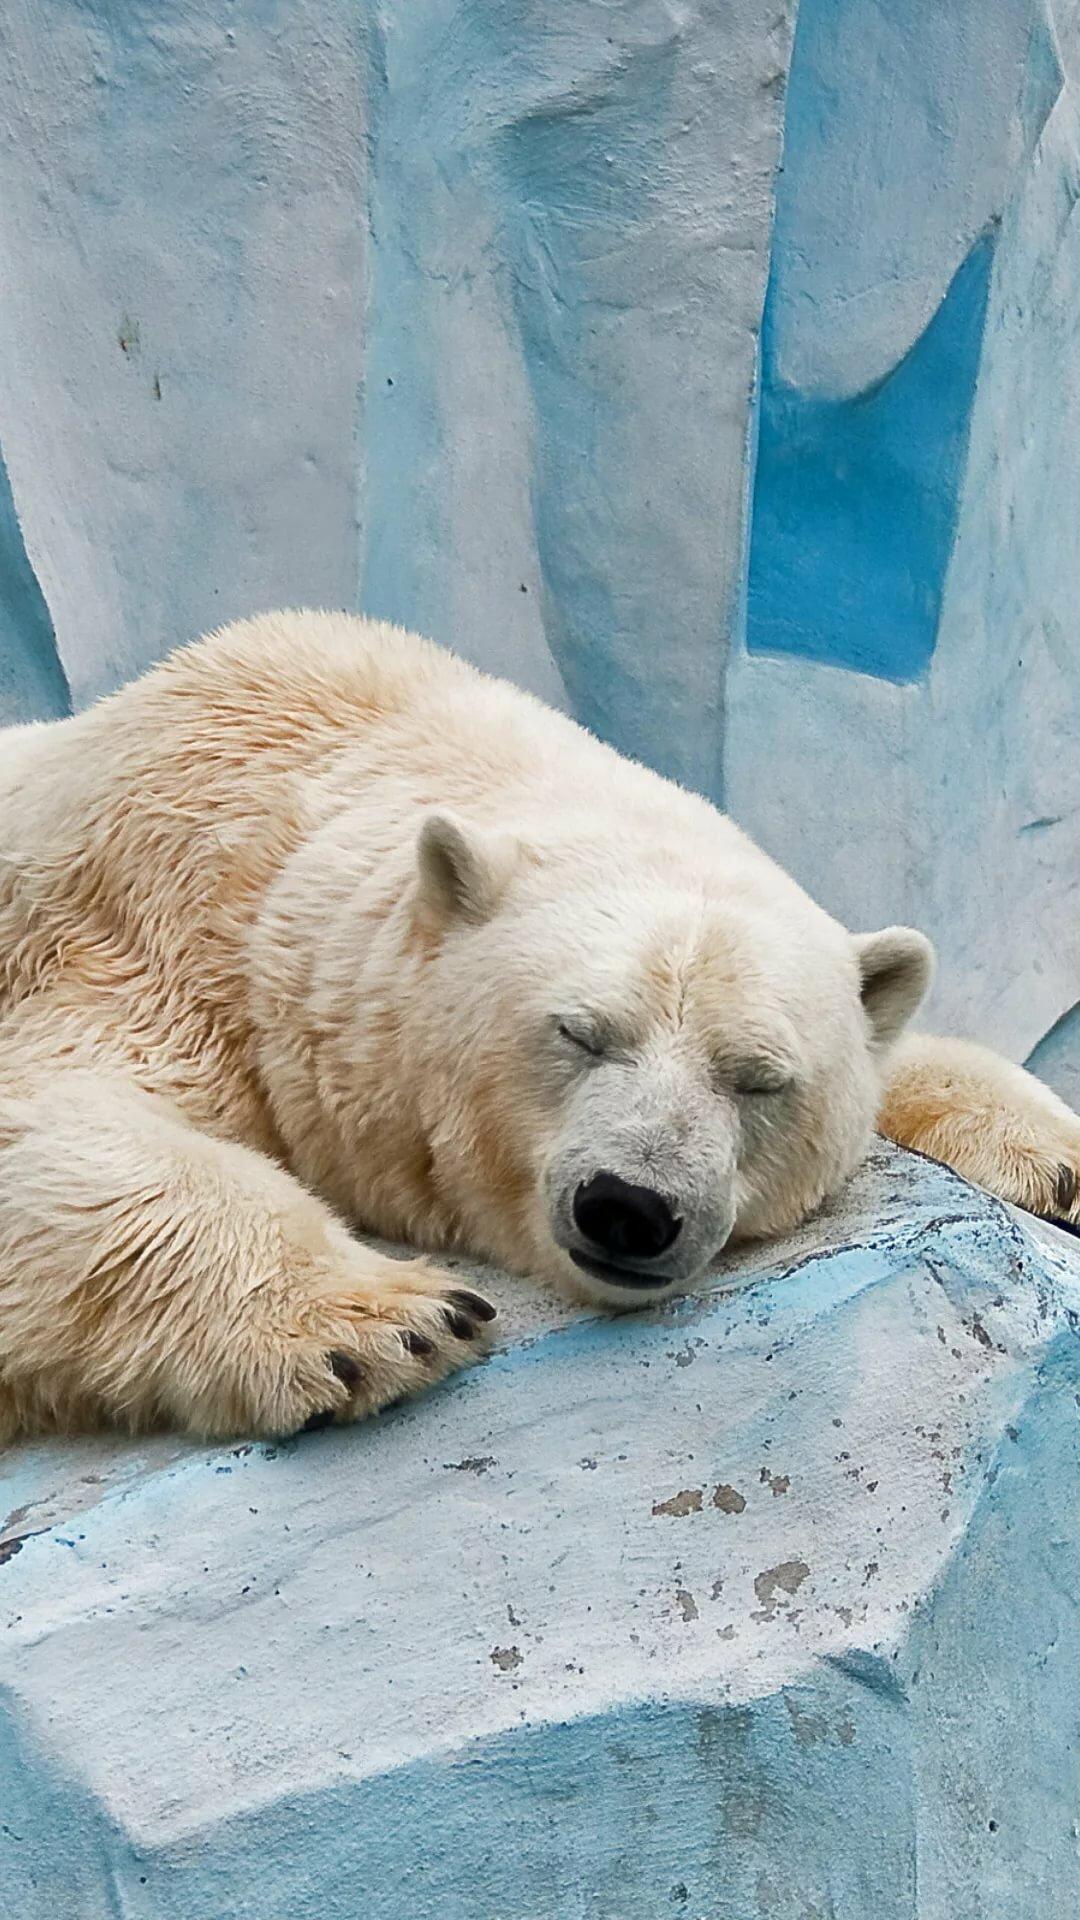 картинки для телефона белый медведь такие